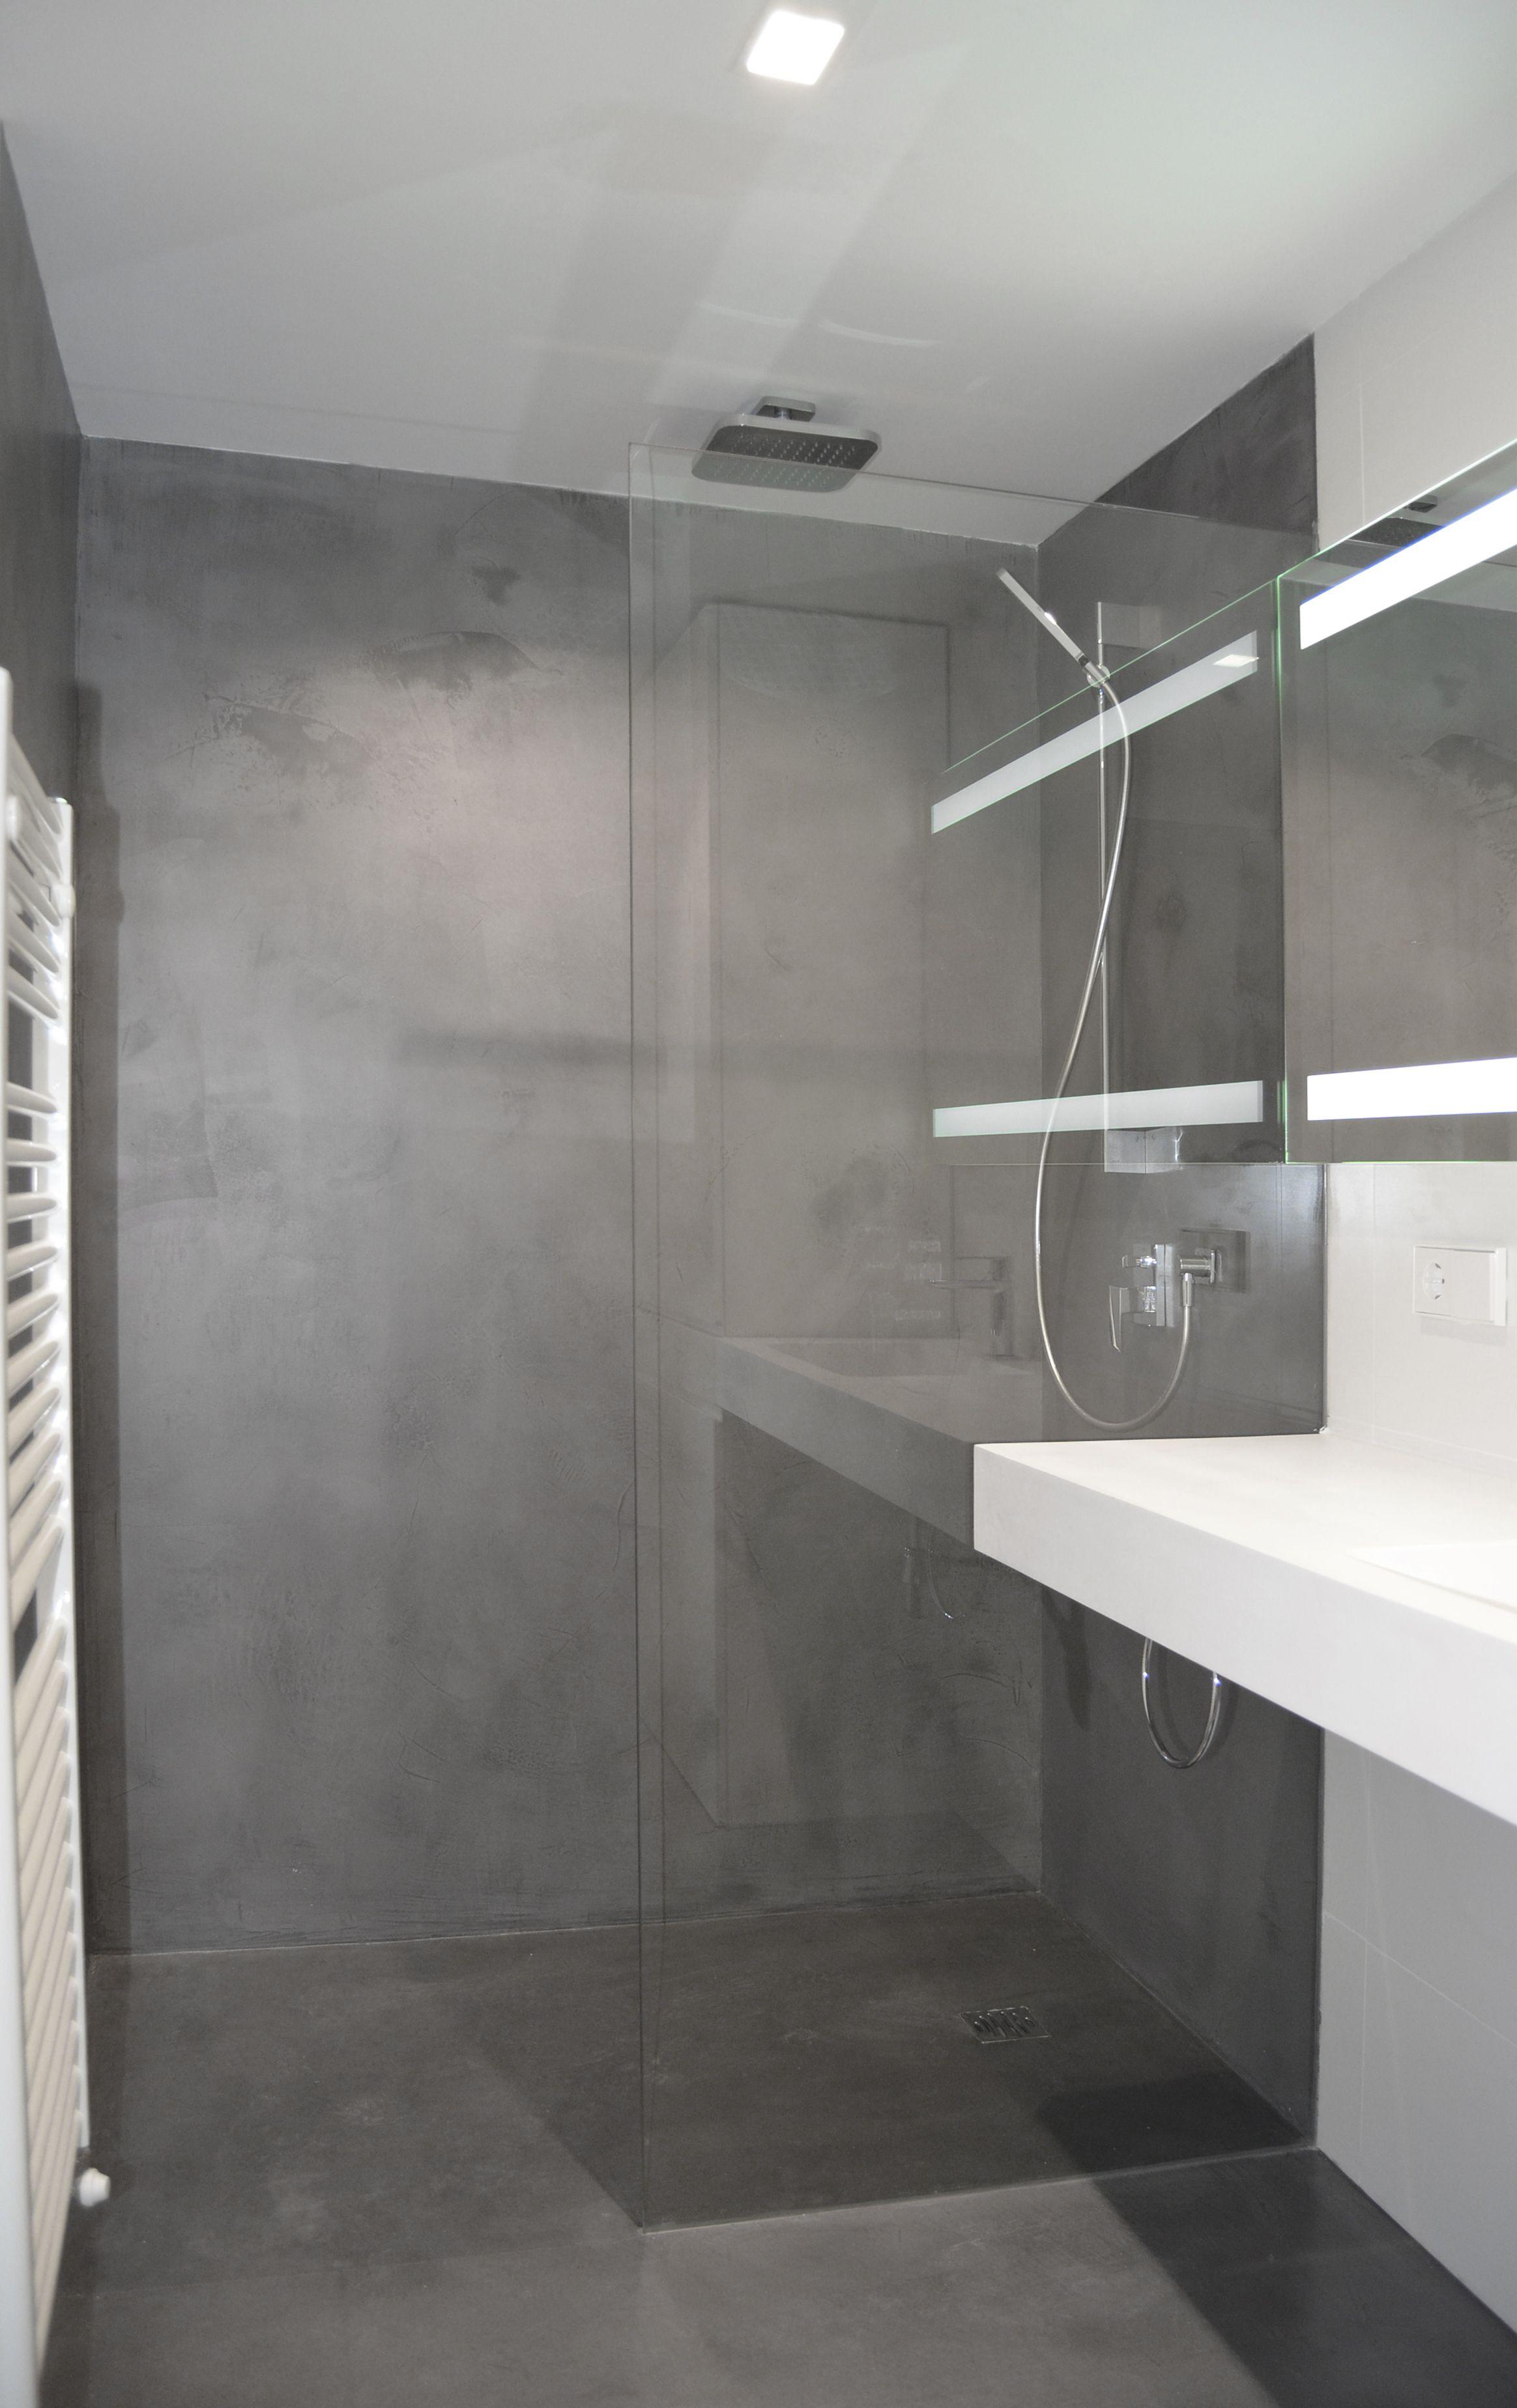 Proyectos bath pinterest suelo microcemento revestimiento paredes y ba o principal - Suelo de microcemento pulido ...